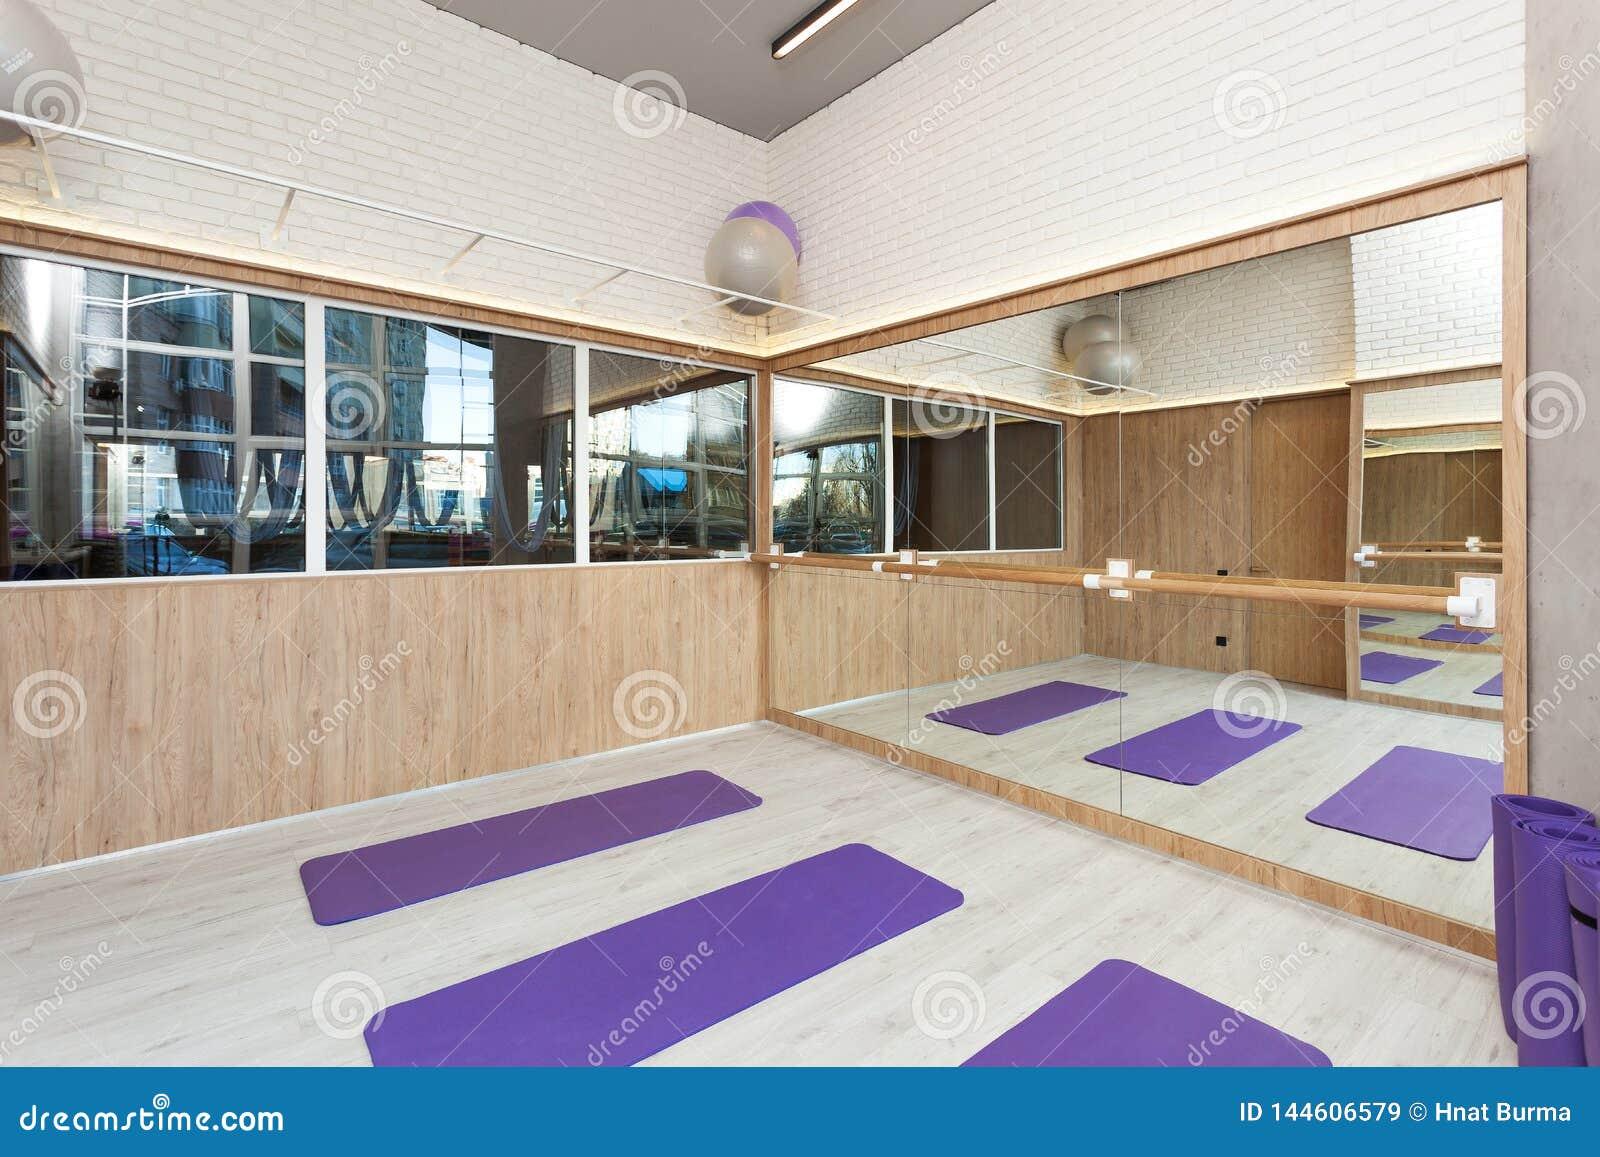 空的空间在健身俱乐部,瑜伽席子